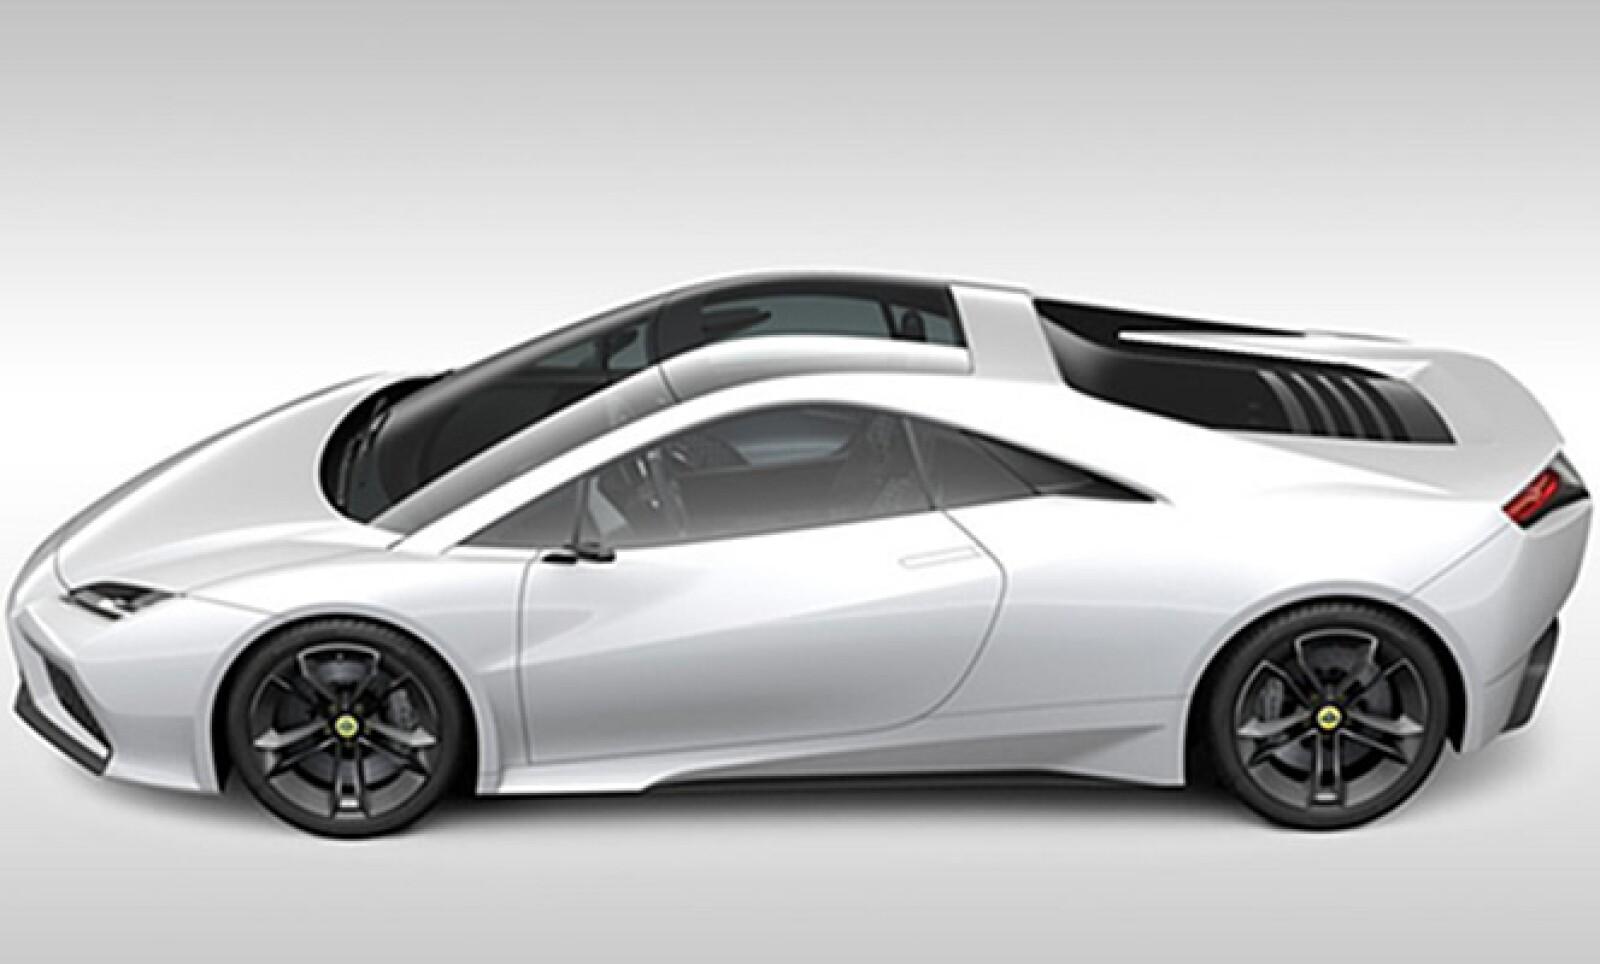 El mítico Esprit de Lotus está a un paso de renacer: el nuevo modelo hará su estreno el 2013 con un precio que arrancará en casi 2 millones de pesos. Las cifras de aceleración y velocidad máxima son más que respetables, con un 0 - 100 km/h en 3.4 segundos